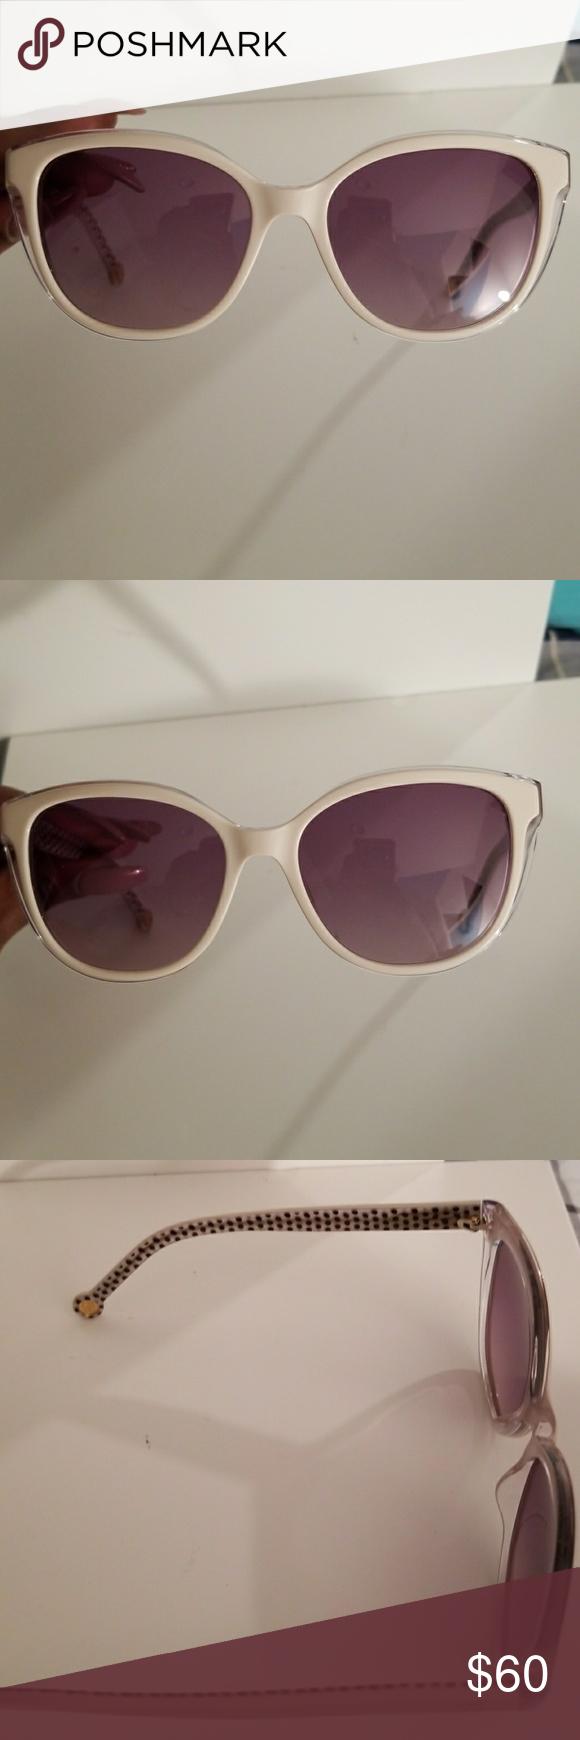 3a3b34897b96 Carolina Herrera sunglasses Carolina Herrera shades Carolina Herrera  Accessories Sunglasses